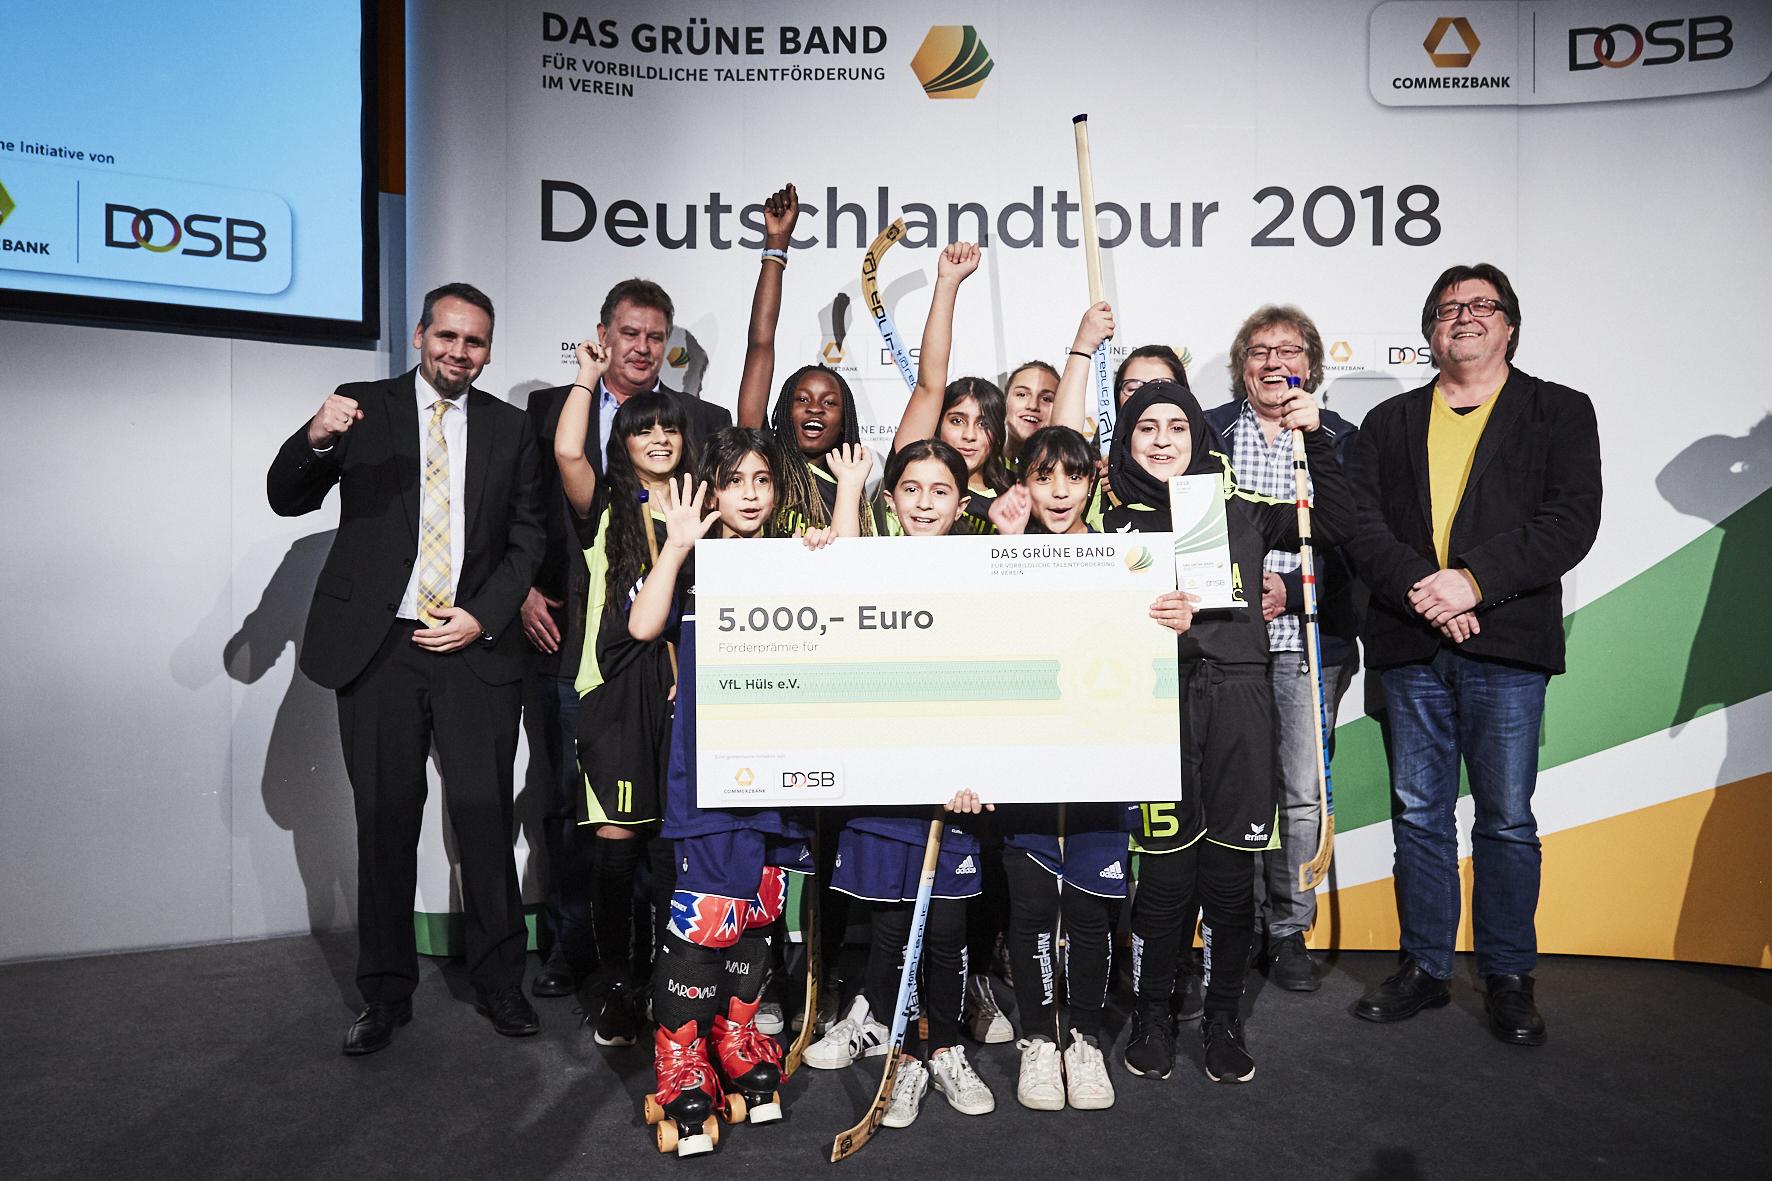 """Wir haben den Preis! (© """"Das Grüne Band"""")"""